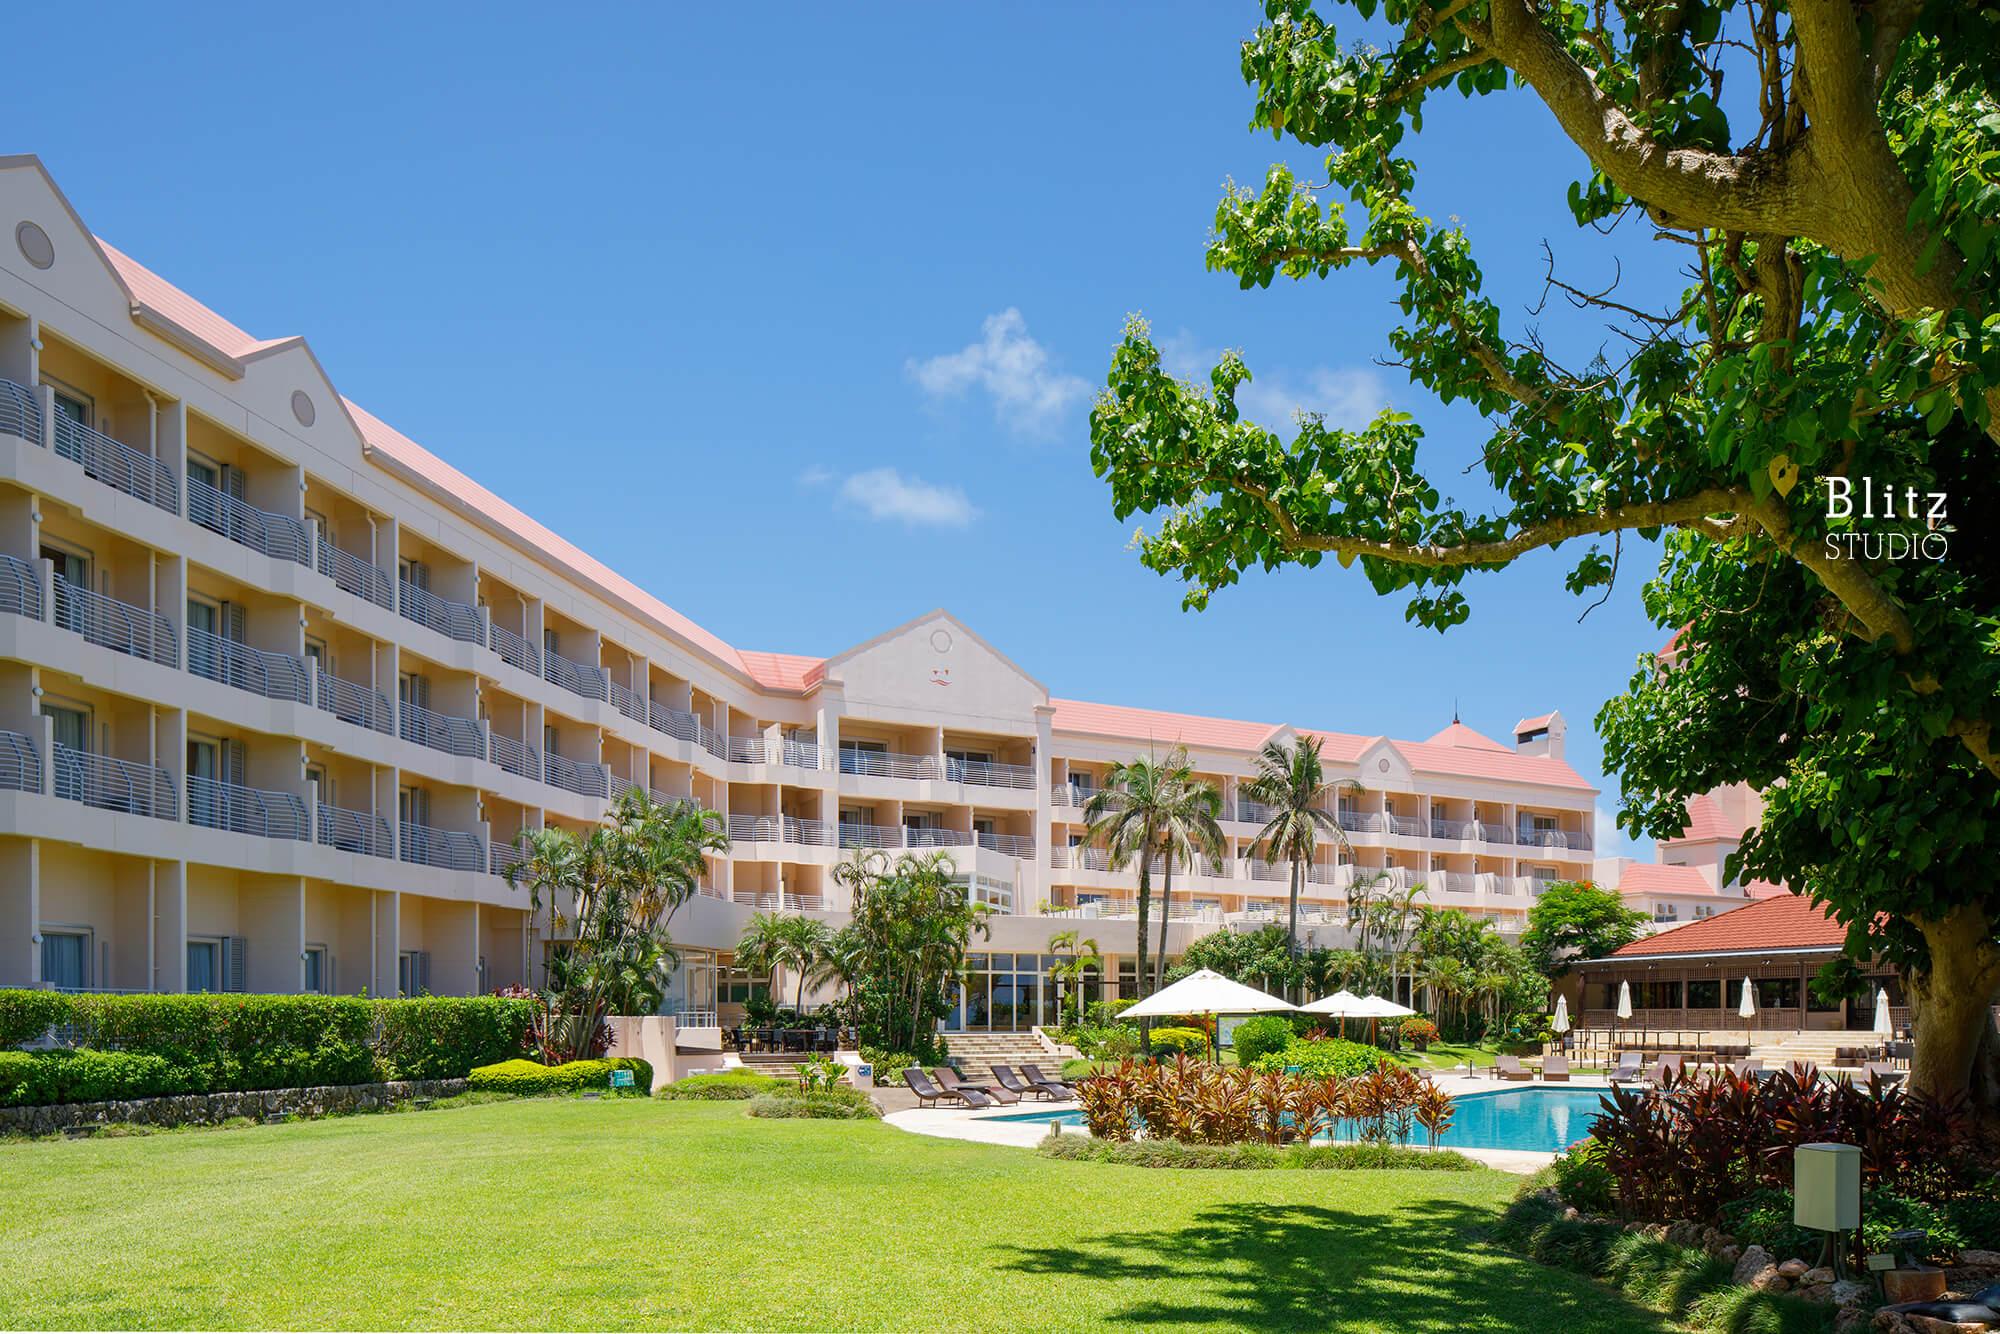 『ホテル ブリーズベイ マリーナ』-沖縄県宮古島-建築写真・竣工写真・インテリア写真3